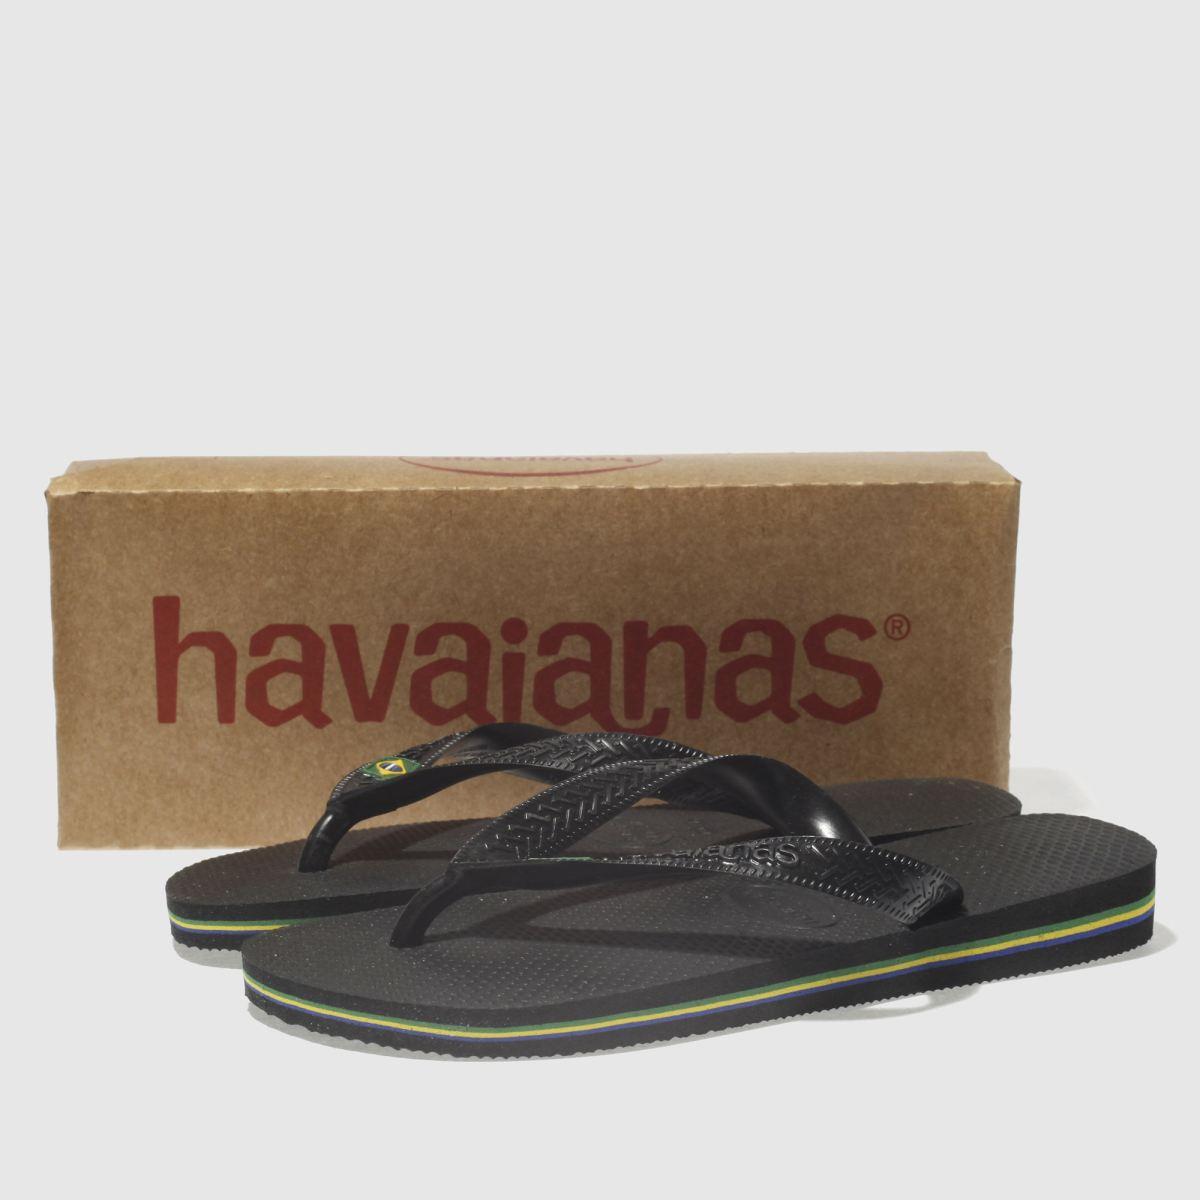 Damen Schwarz havaianas Brasil beliebte Sandalen   schuh Gute Qualität beliebte Brasil Schuhe bea96f